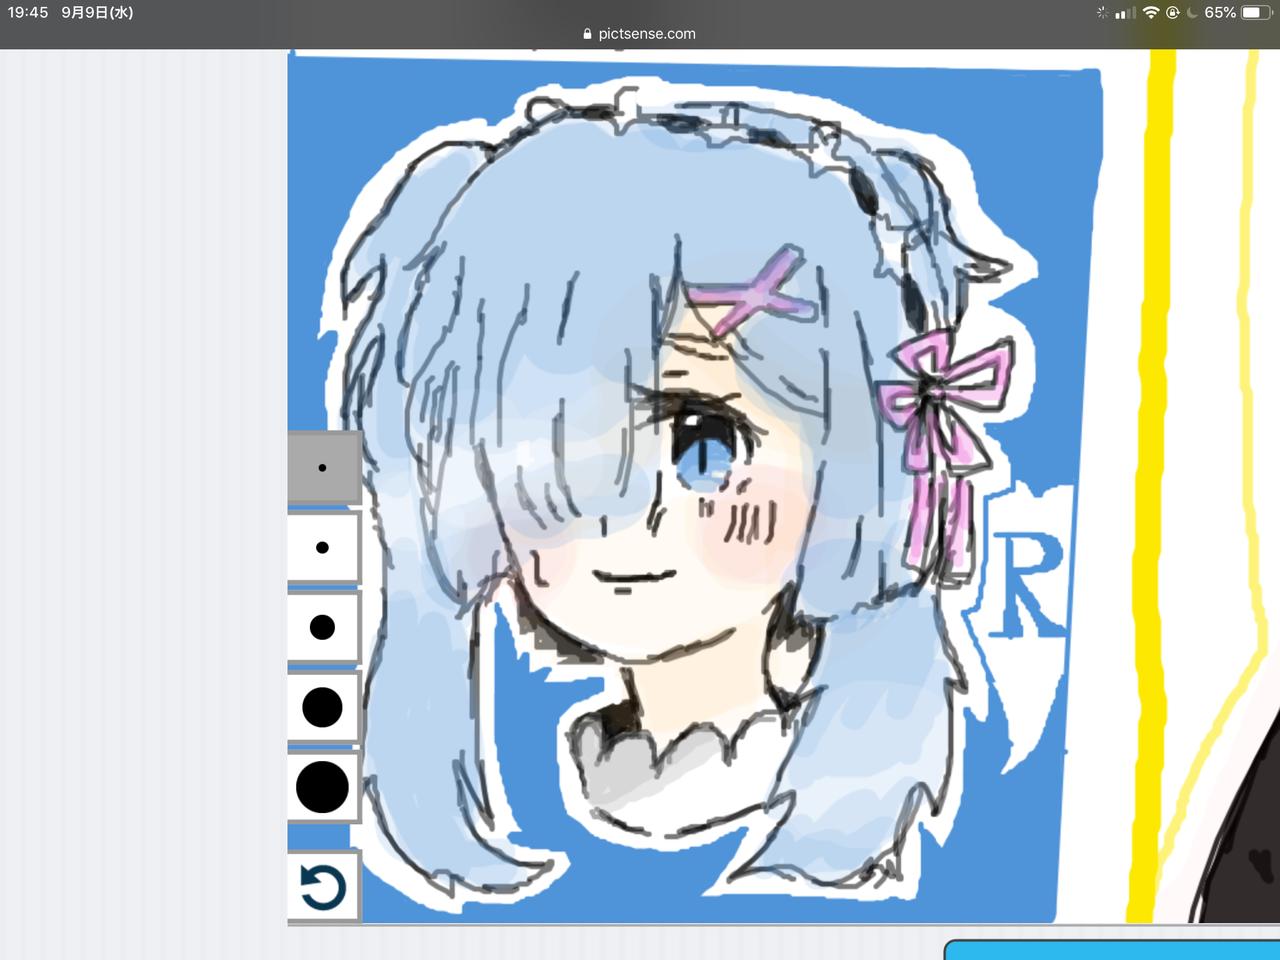 ツインテールレム Illust of 🥩ちぅ🥩 Re:Zero twin_ponytails レム medibangpaint ピクトセンス